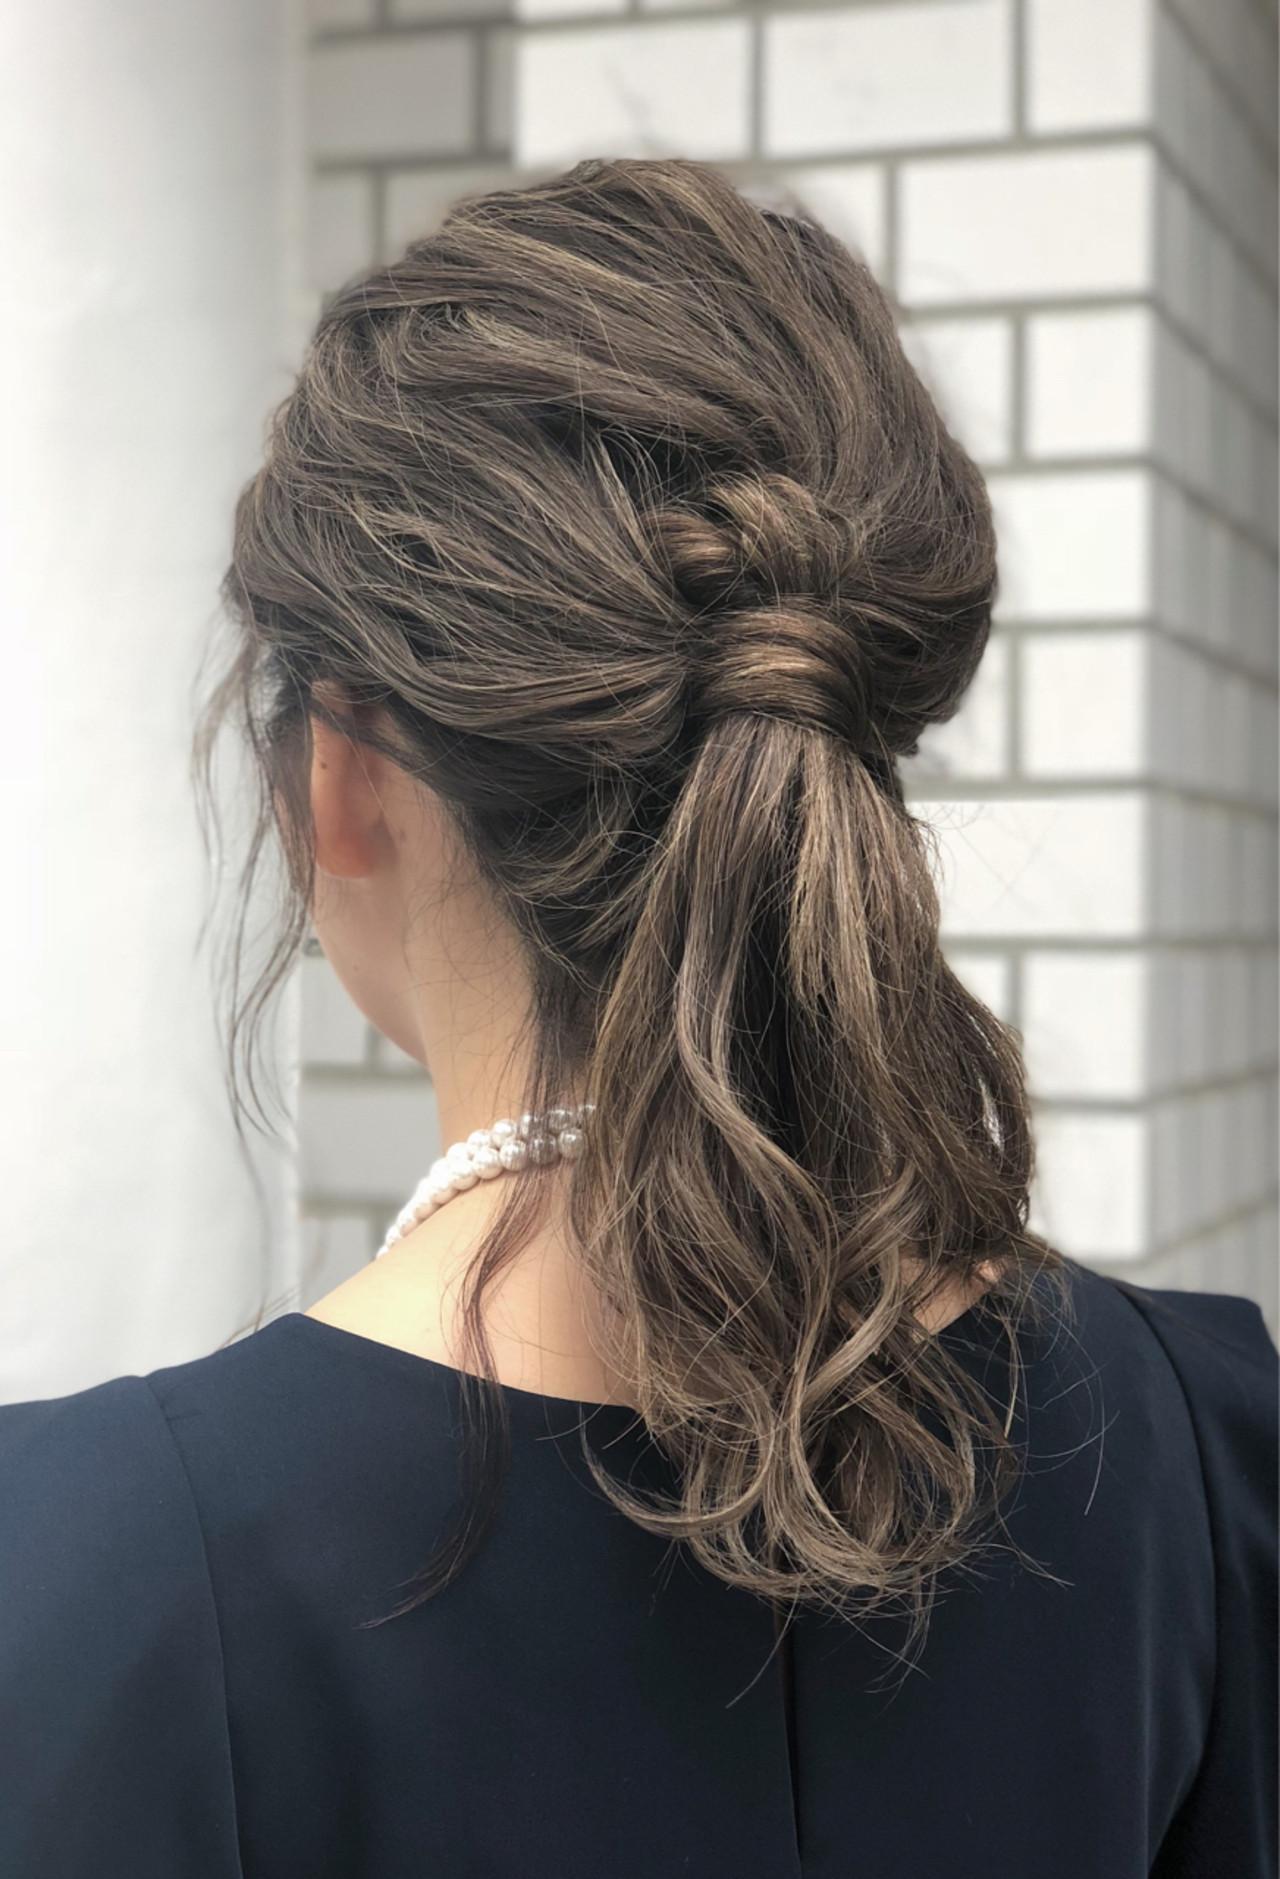 ヘアアレンジ ミディアム ポニーテール 外国人風 ヘアスタイルや髪型の写真・画像 | 我妻大地 GREEK / GREEK Hair Design